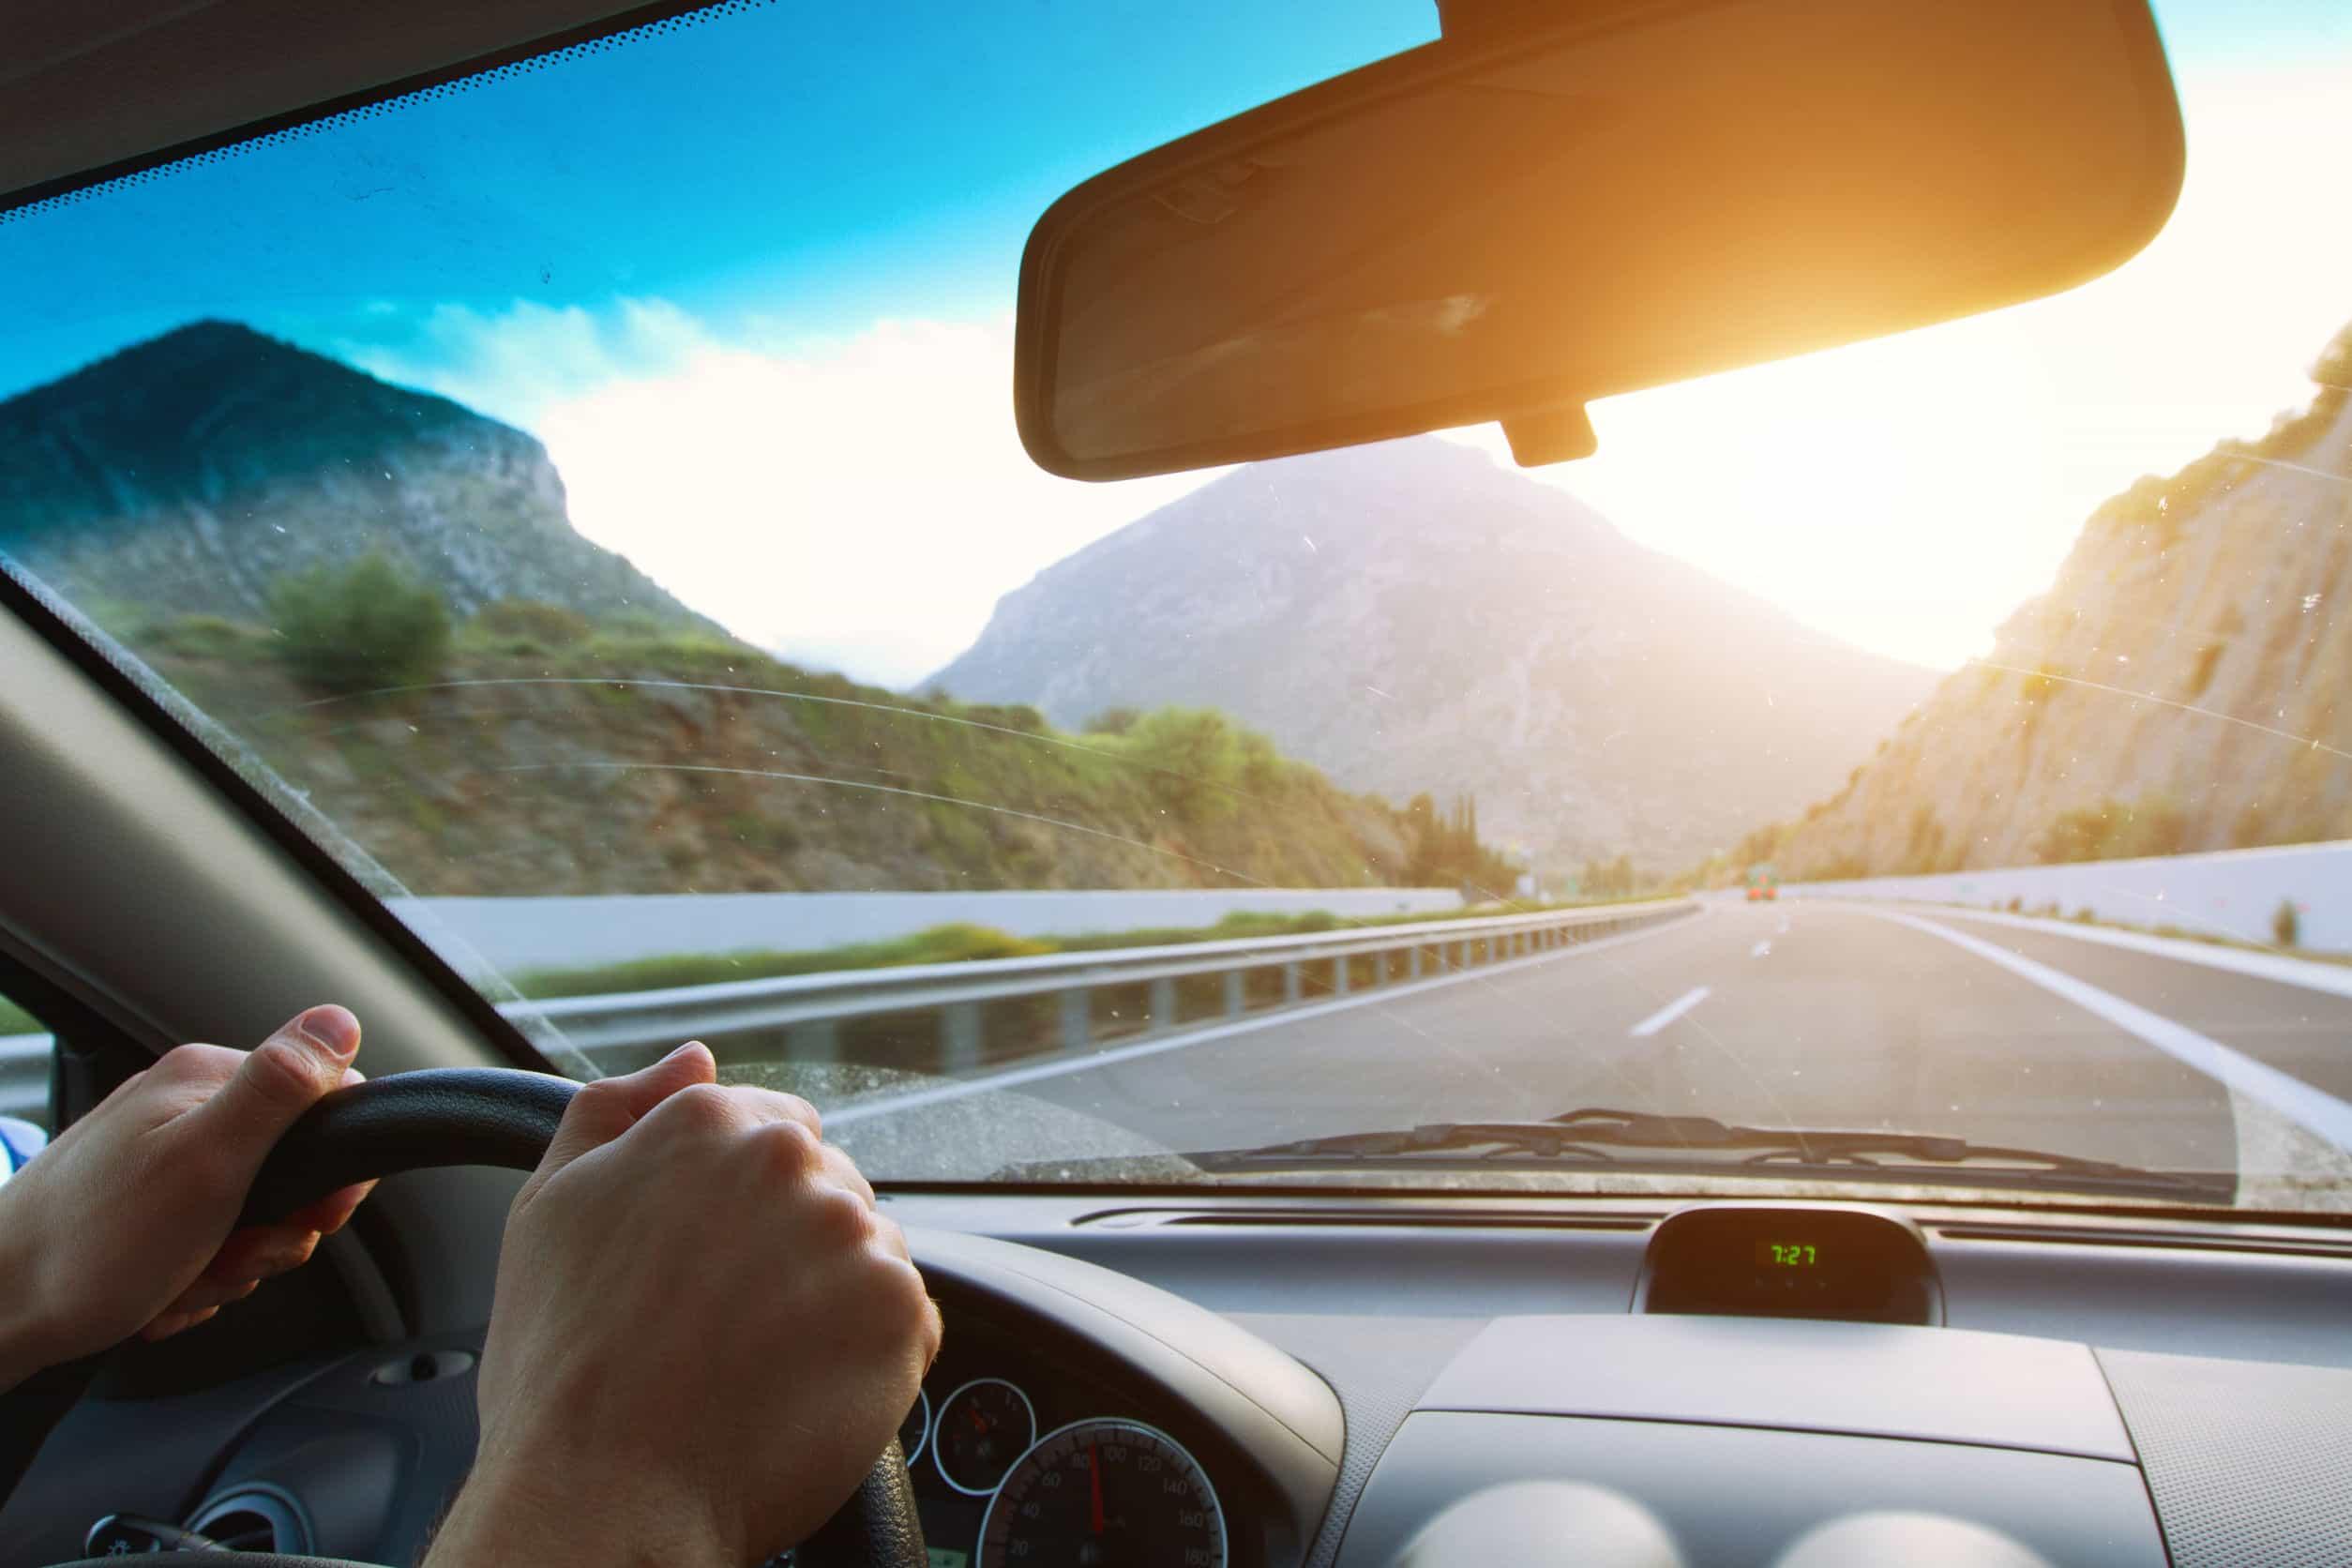 Conduciendo coche en la carretera de montaña.